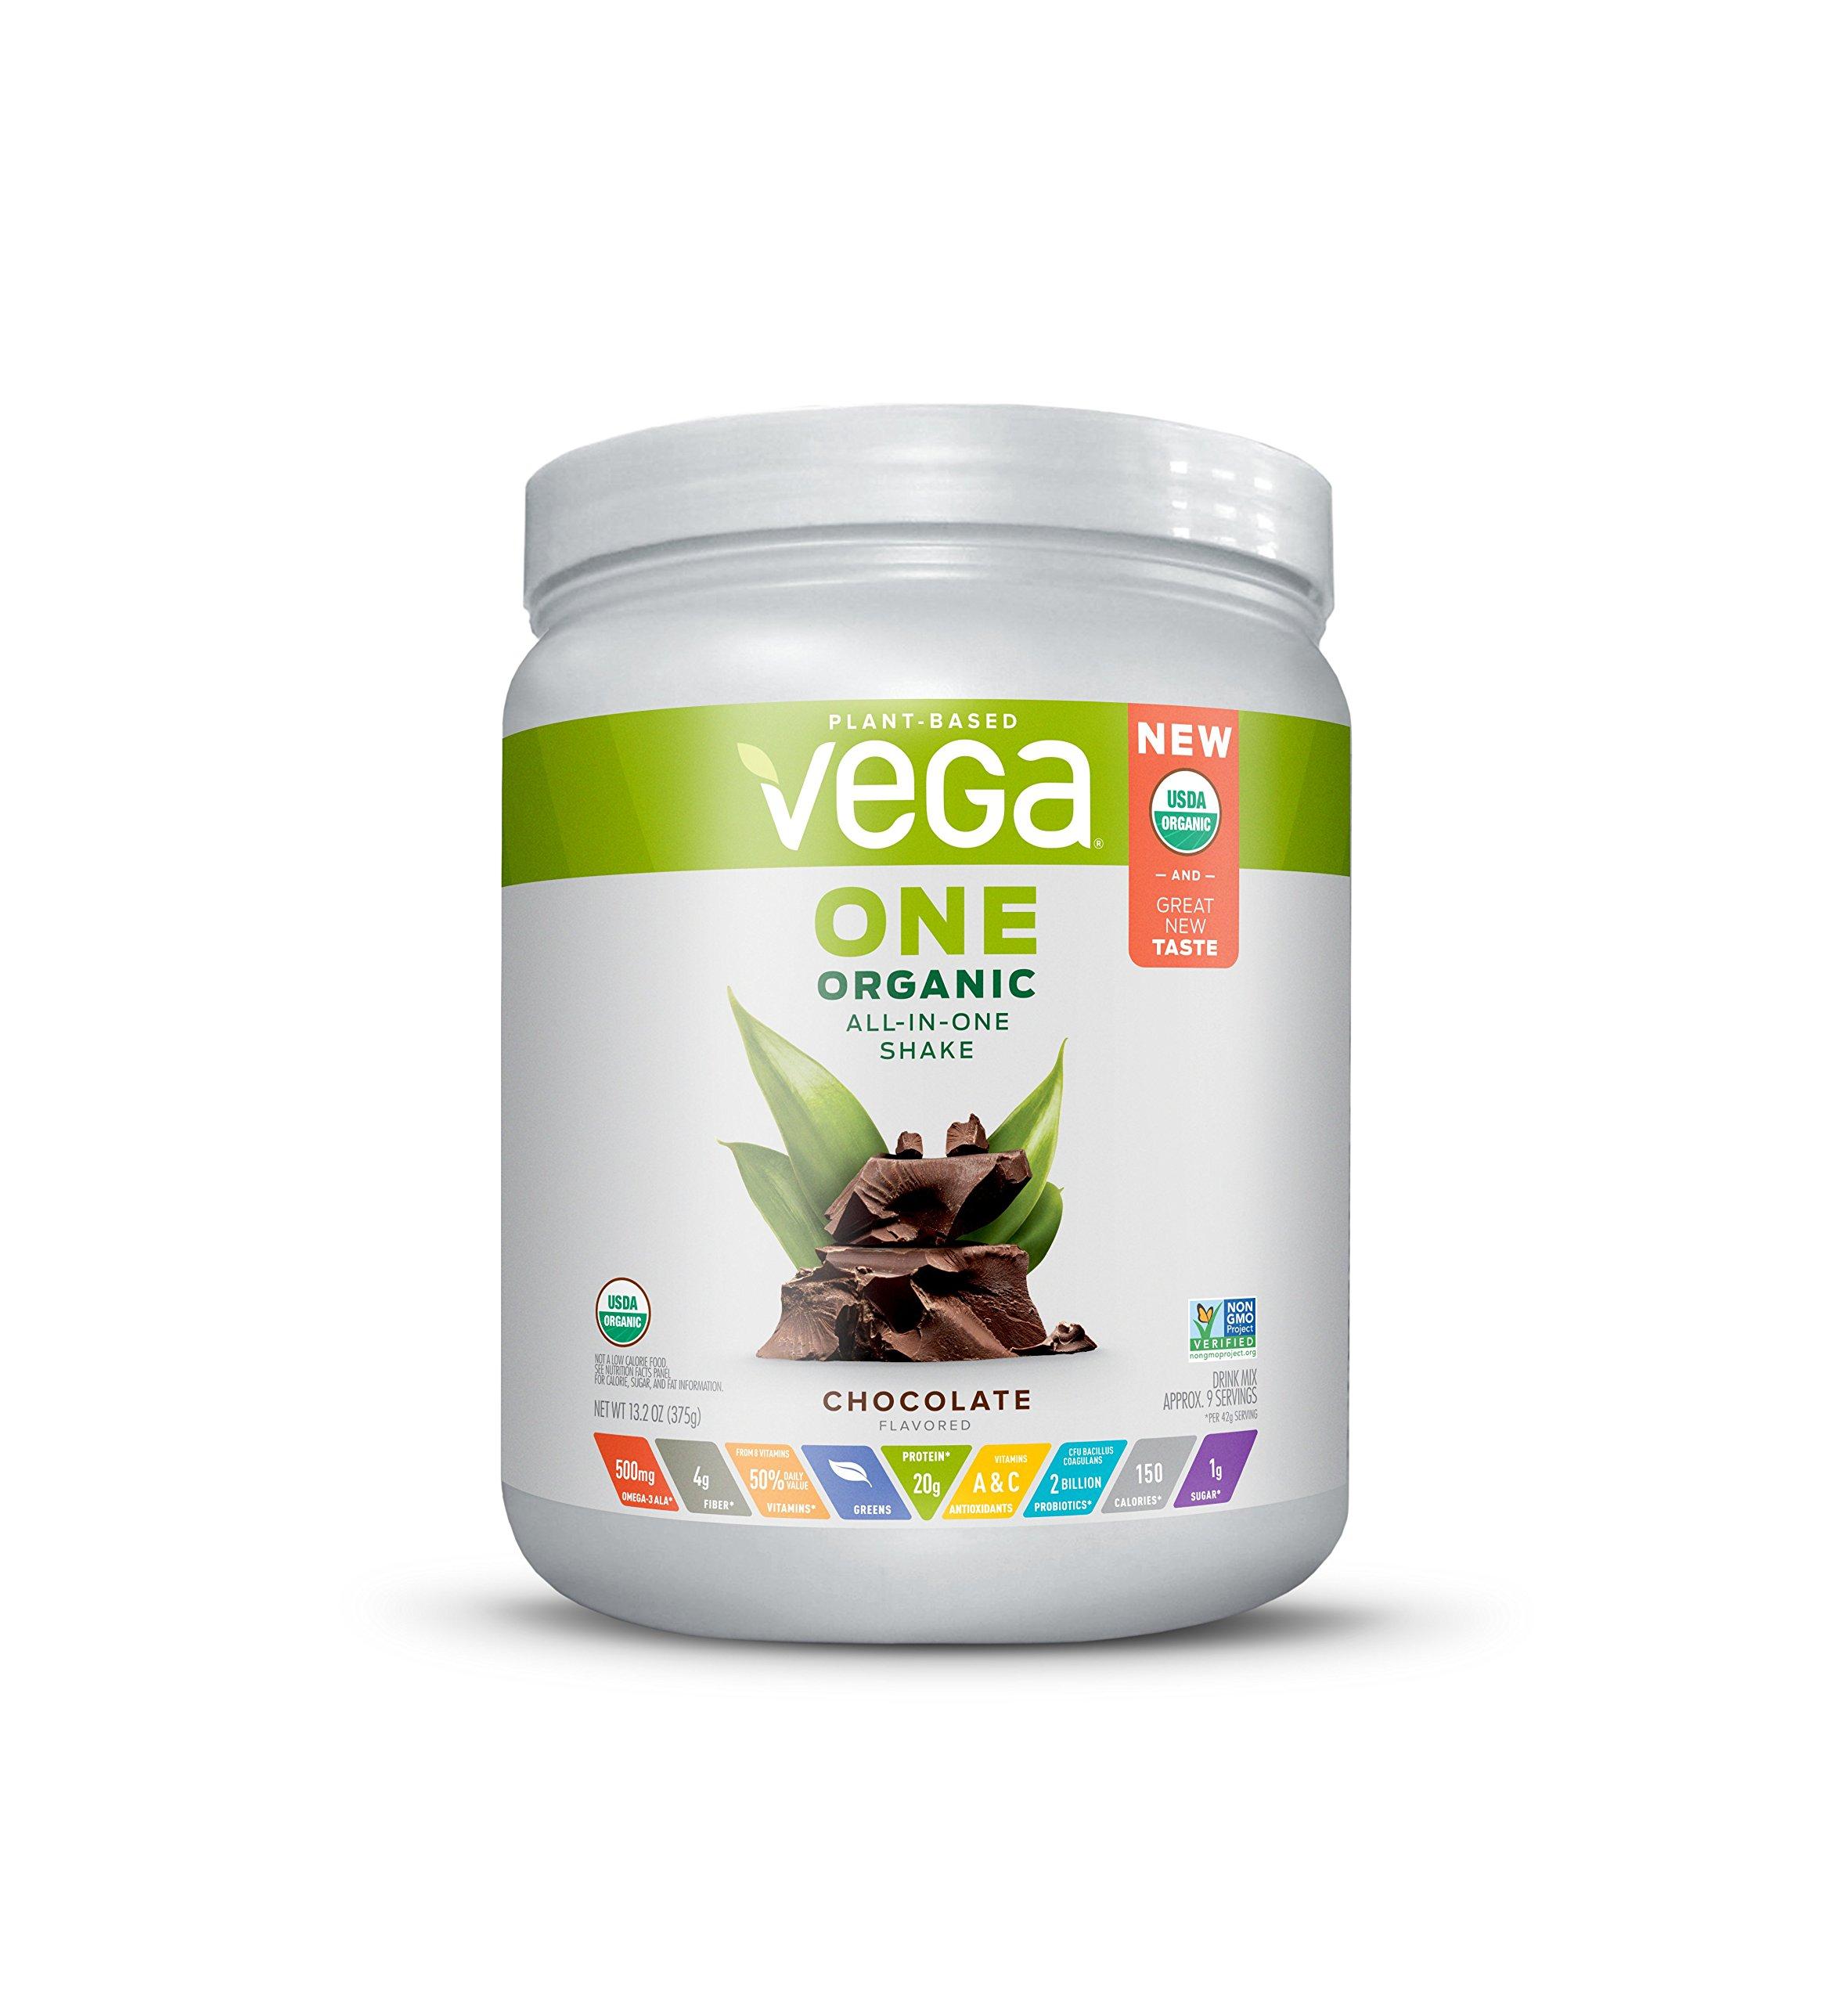 Vega One Organic Plant Protein Powder Chocolate 13.2 Ounce - Plant Based Vegan Protein Powder, Non Dairy, Gluten Free, Non GMO by VEGA